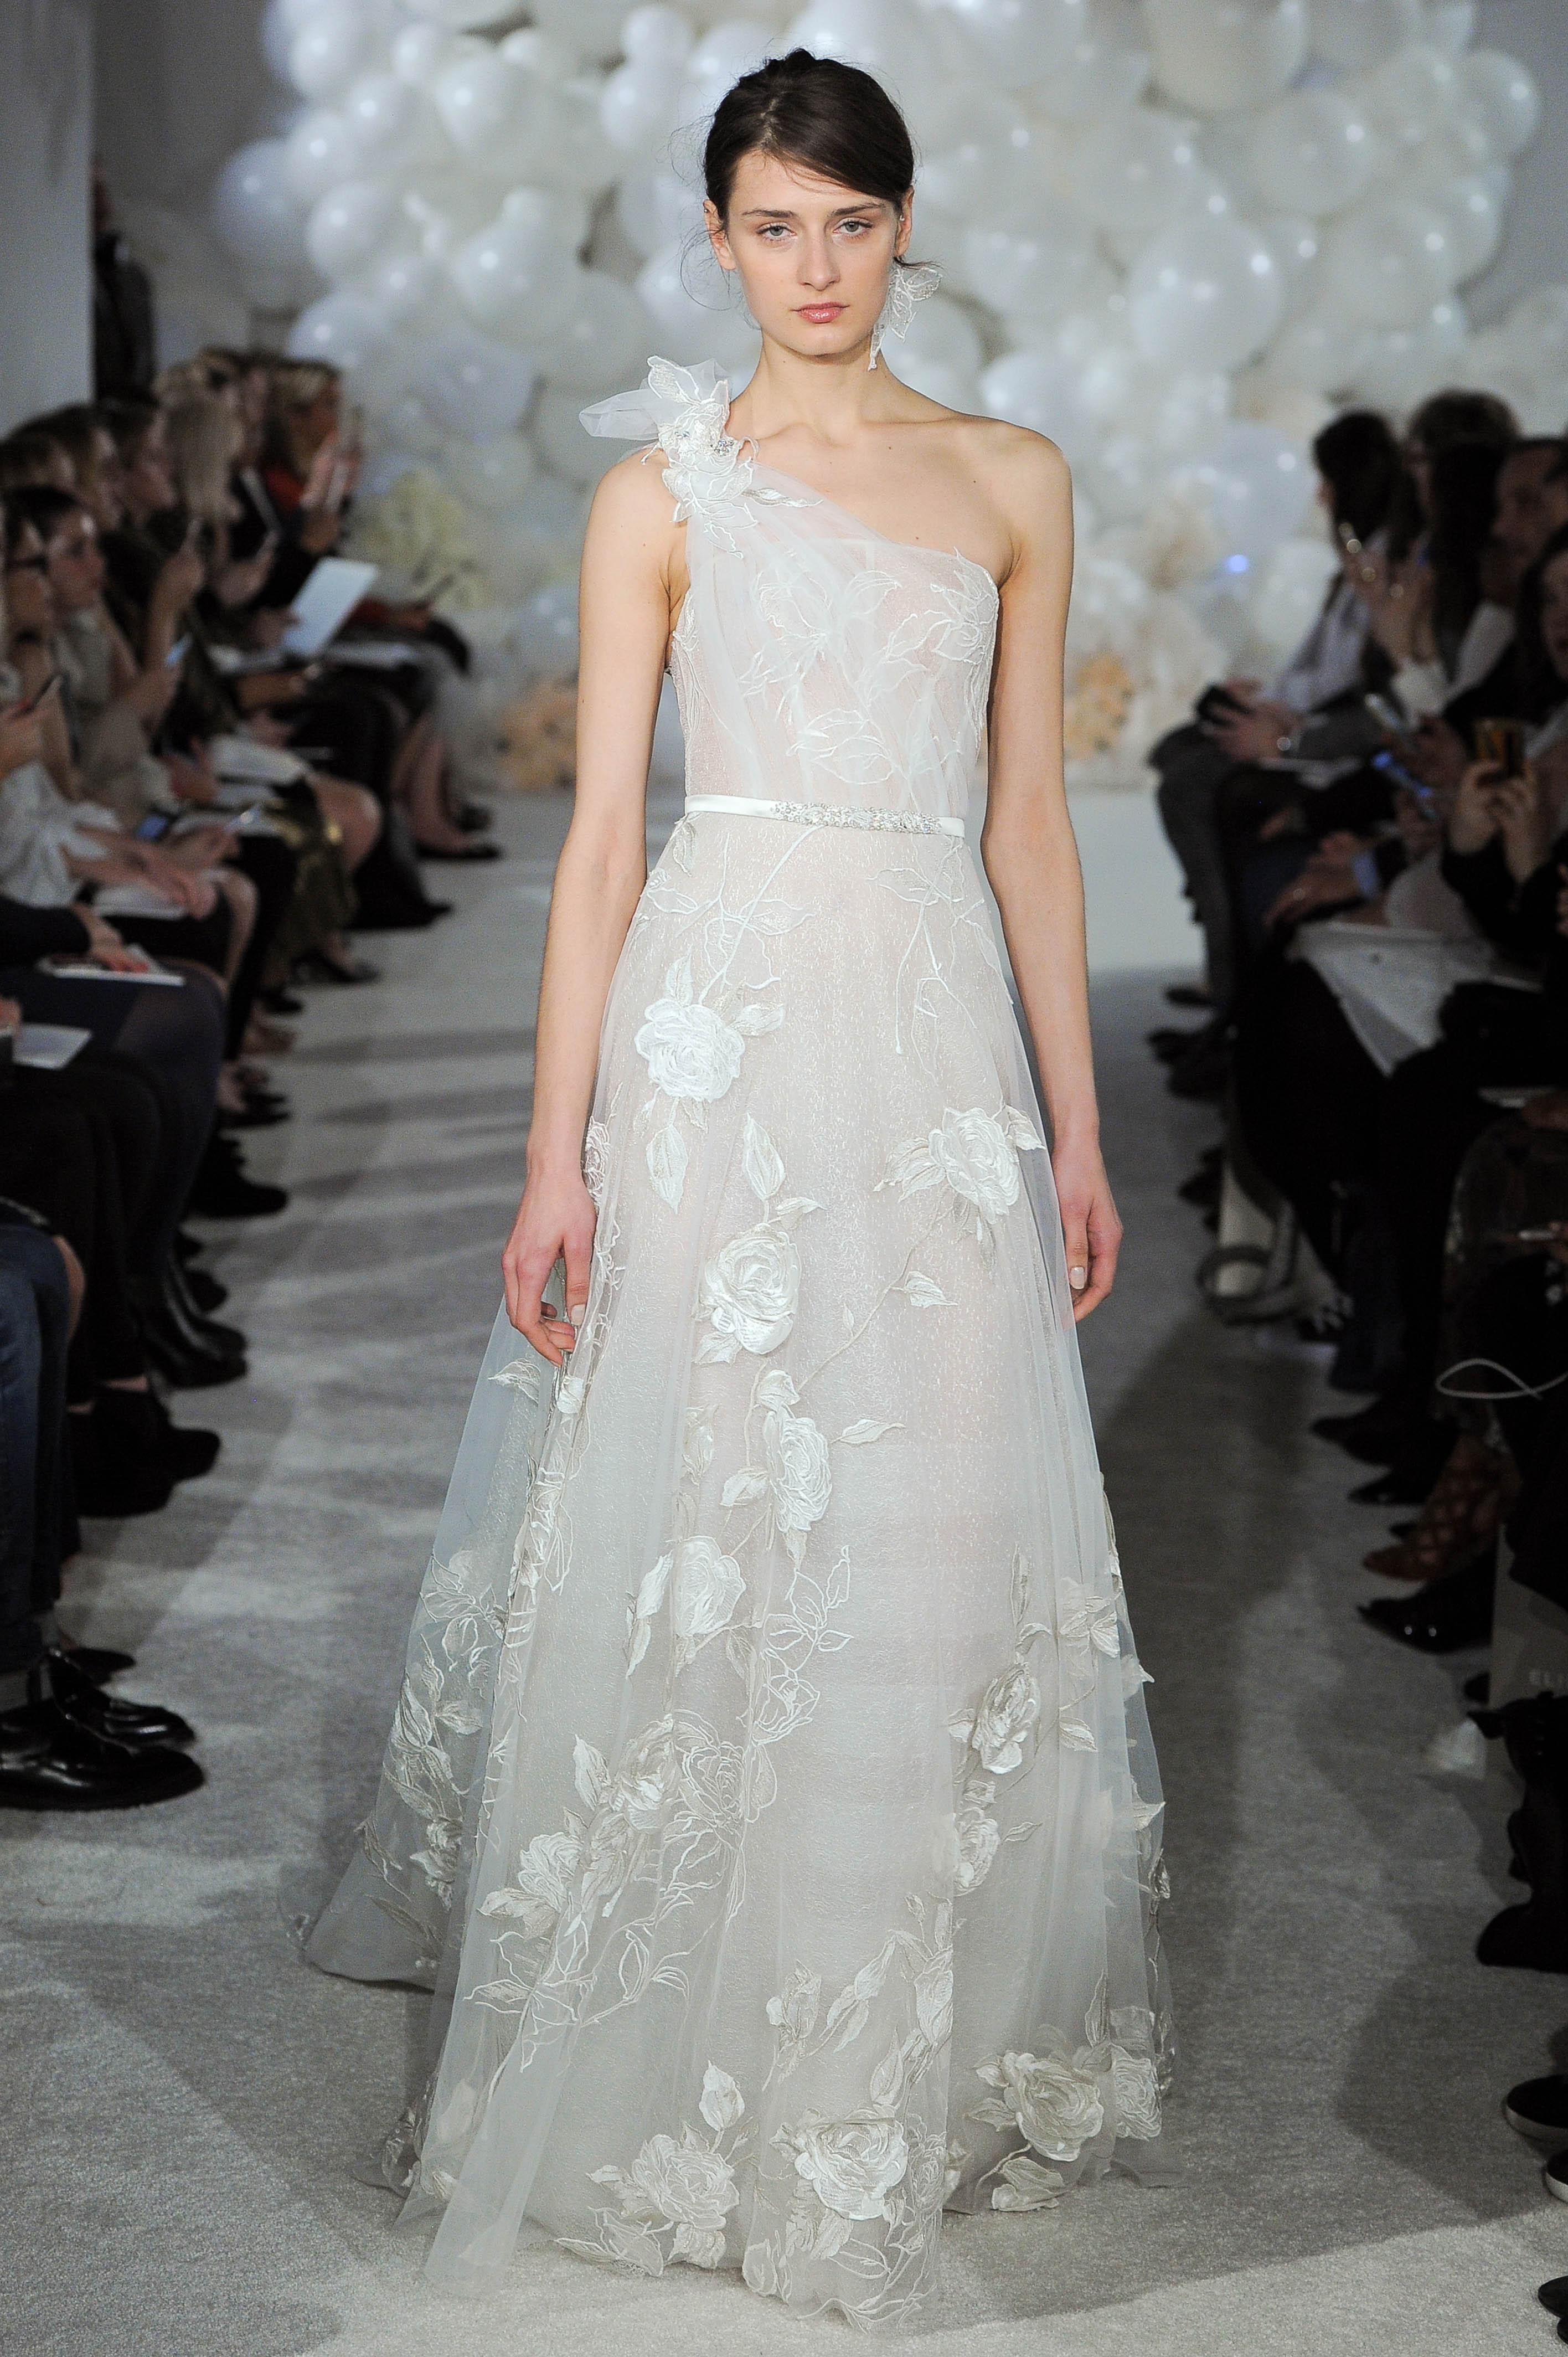 mira zwillinger wedding dress spring 2018 one-shoulder